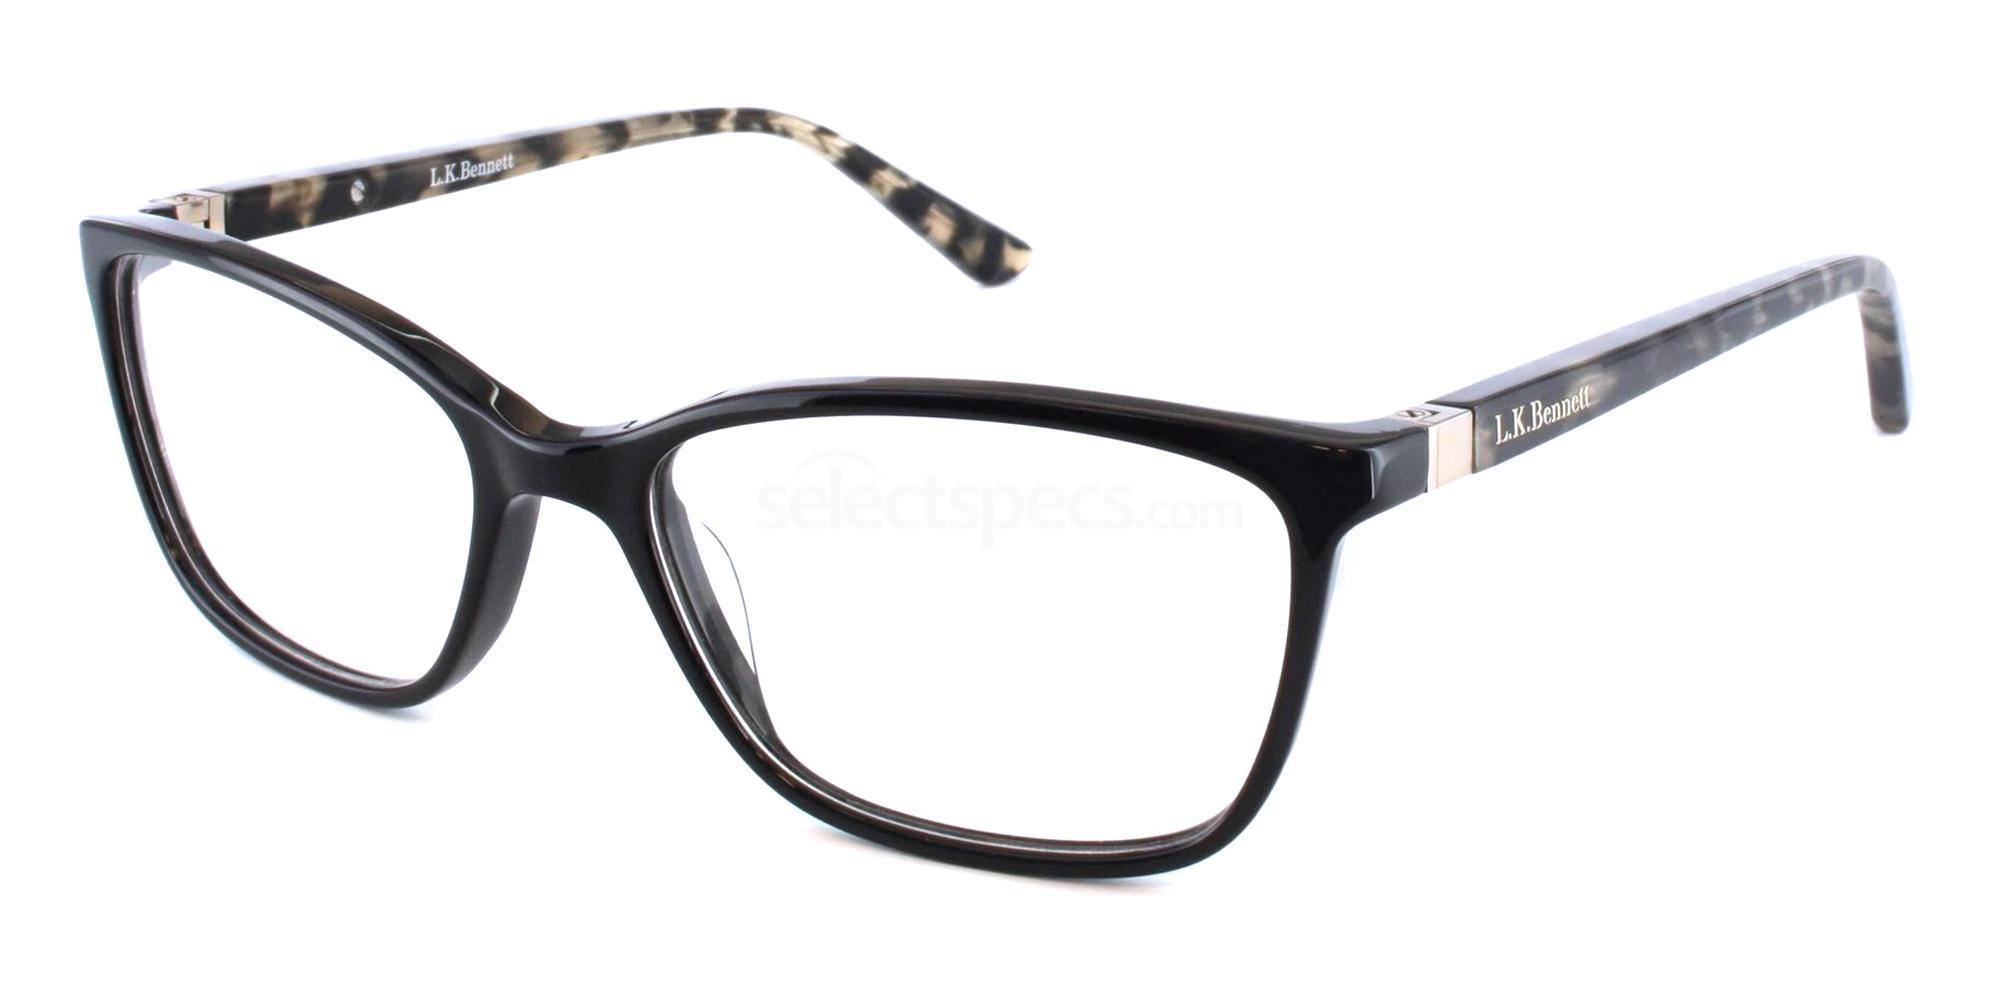 C.1 LKB001 Glasses, L.K.Bennett